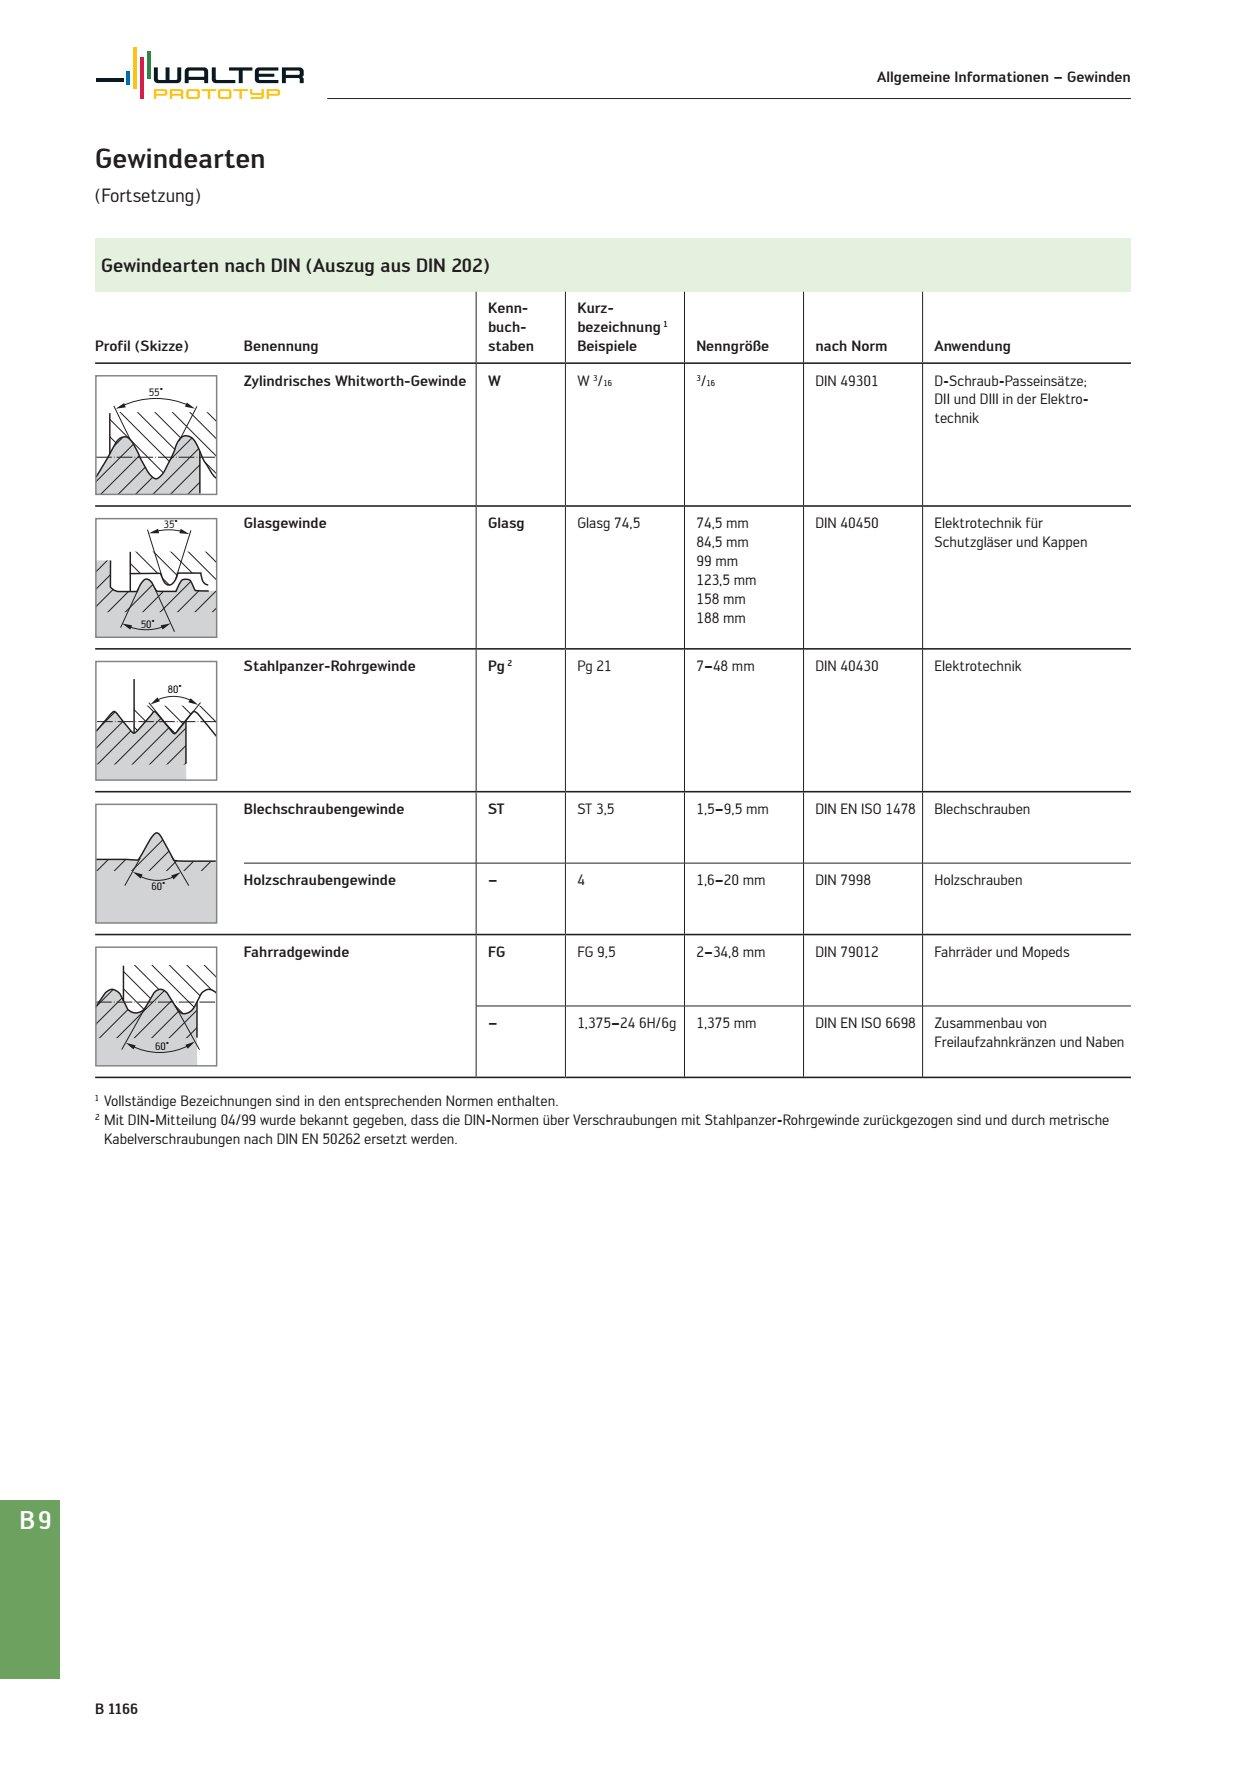 Tolle Fortsetzung Beispiele Tamu Zeitgenössisch - Entry Level Resume ...